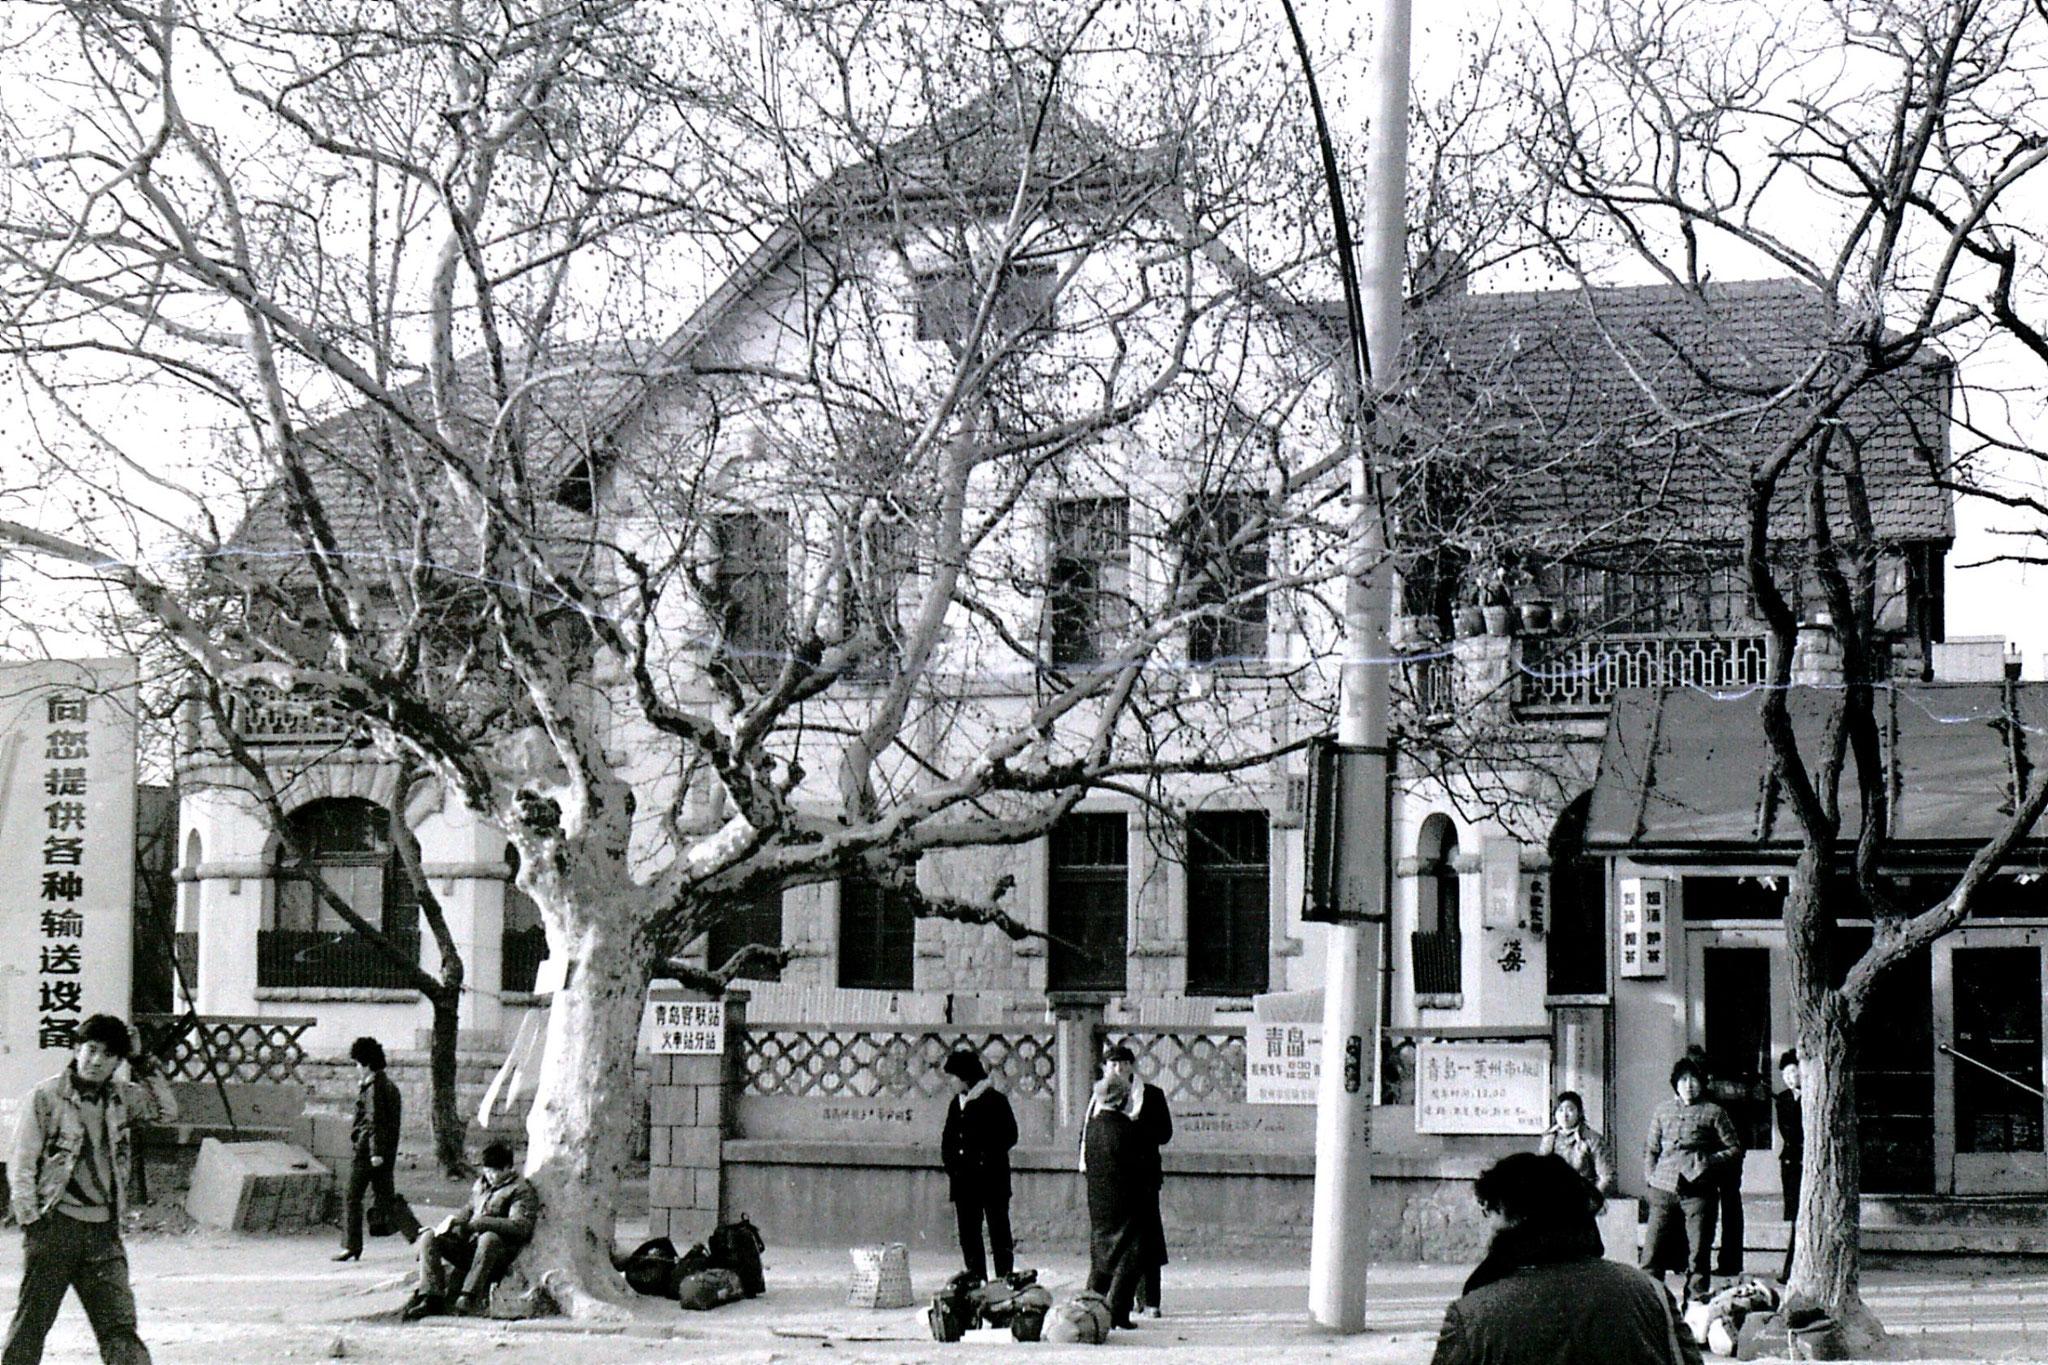 13/2/1989: 18: Qingdao